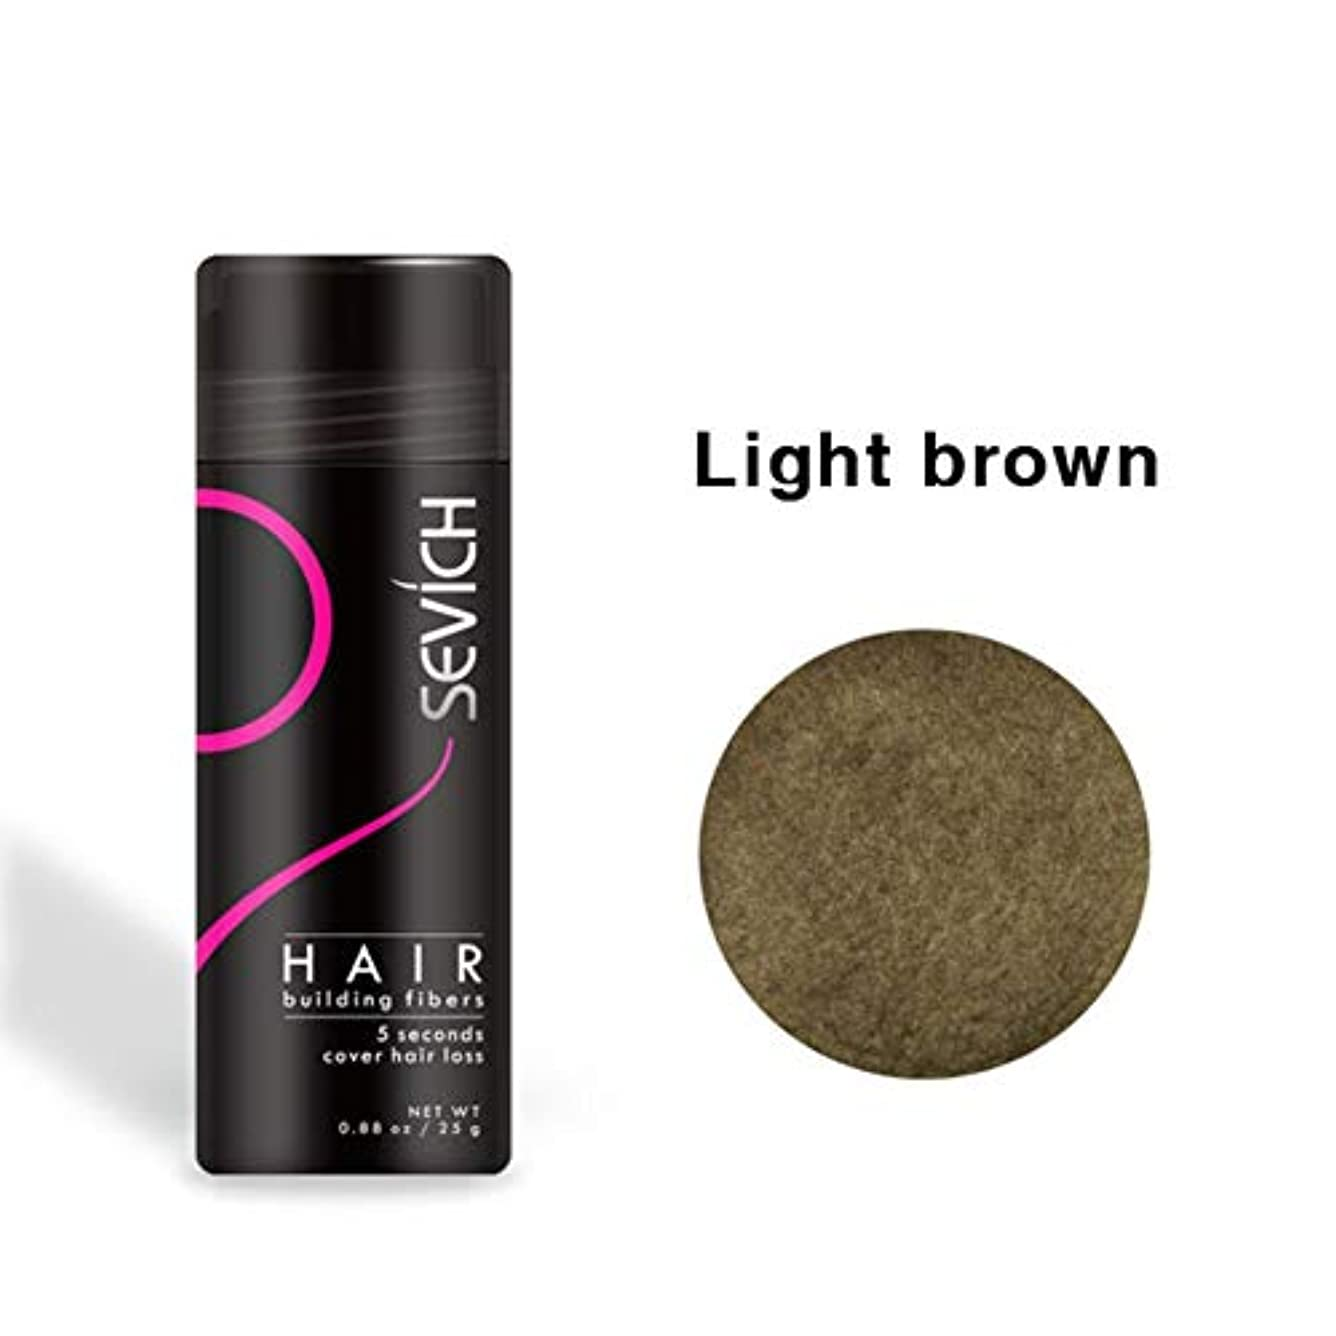 世論調査呼び起こすほとんどの場合Cutelove ヘアビルディングファイバー 薄毛隠し ダークブラウンヘアビルディングファイバー   ライトブラウンヘアービルディングファイバー ミディアムブラウンヘアービルディングファイバー ブロンドの髪を作る繊維 アプリケーター...